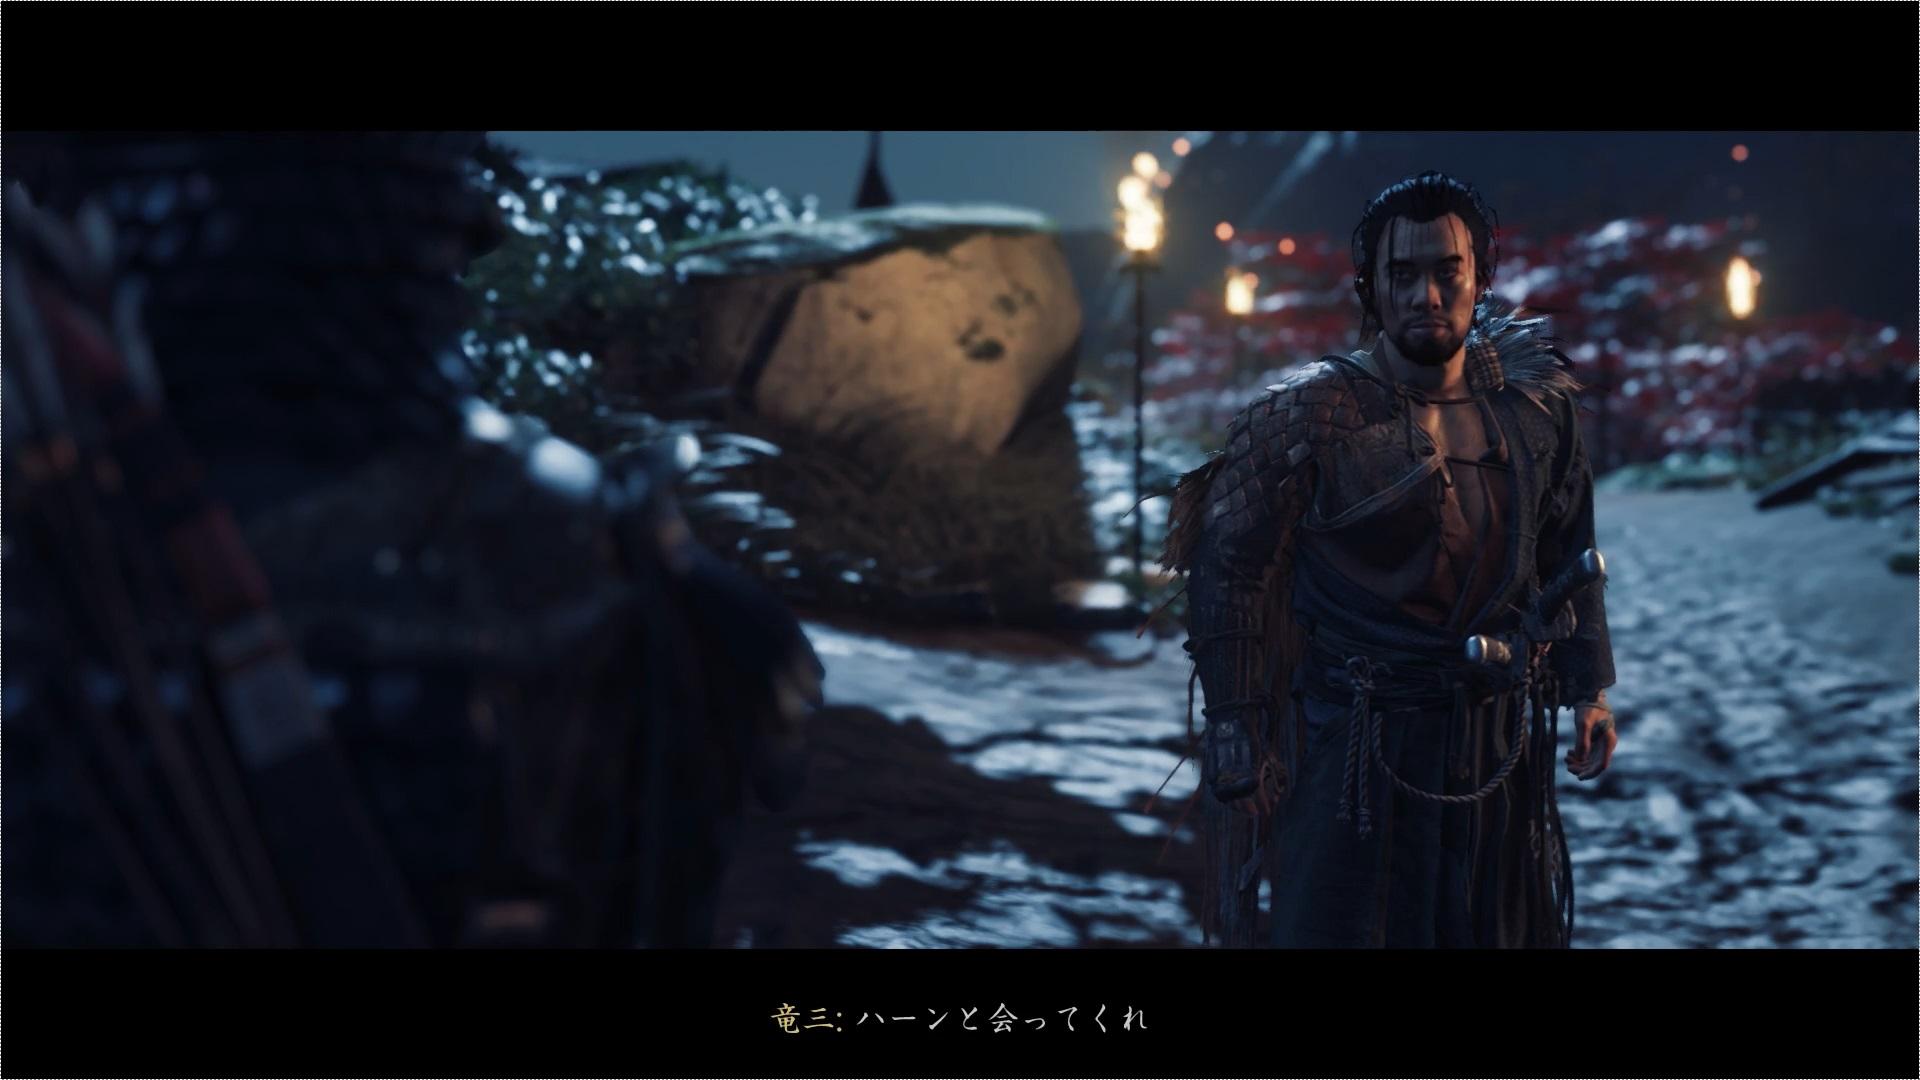 砦で竜三と再会するが、後ろから襲われ気絶する仁。